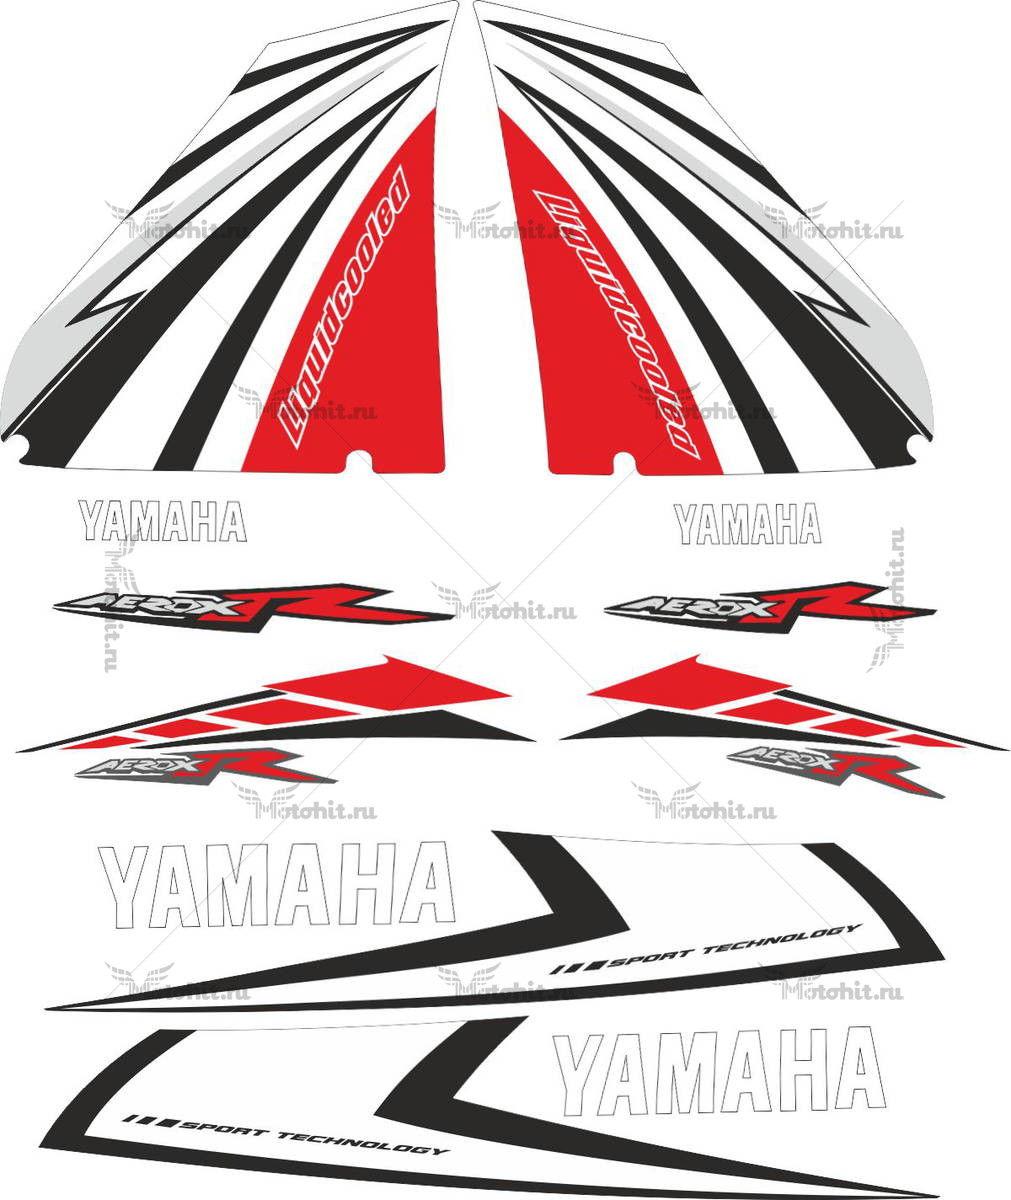 Комплект наклеек Yamaha AEROX-R-SPORT